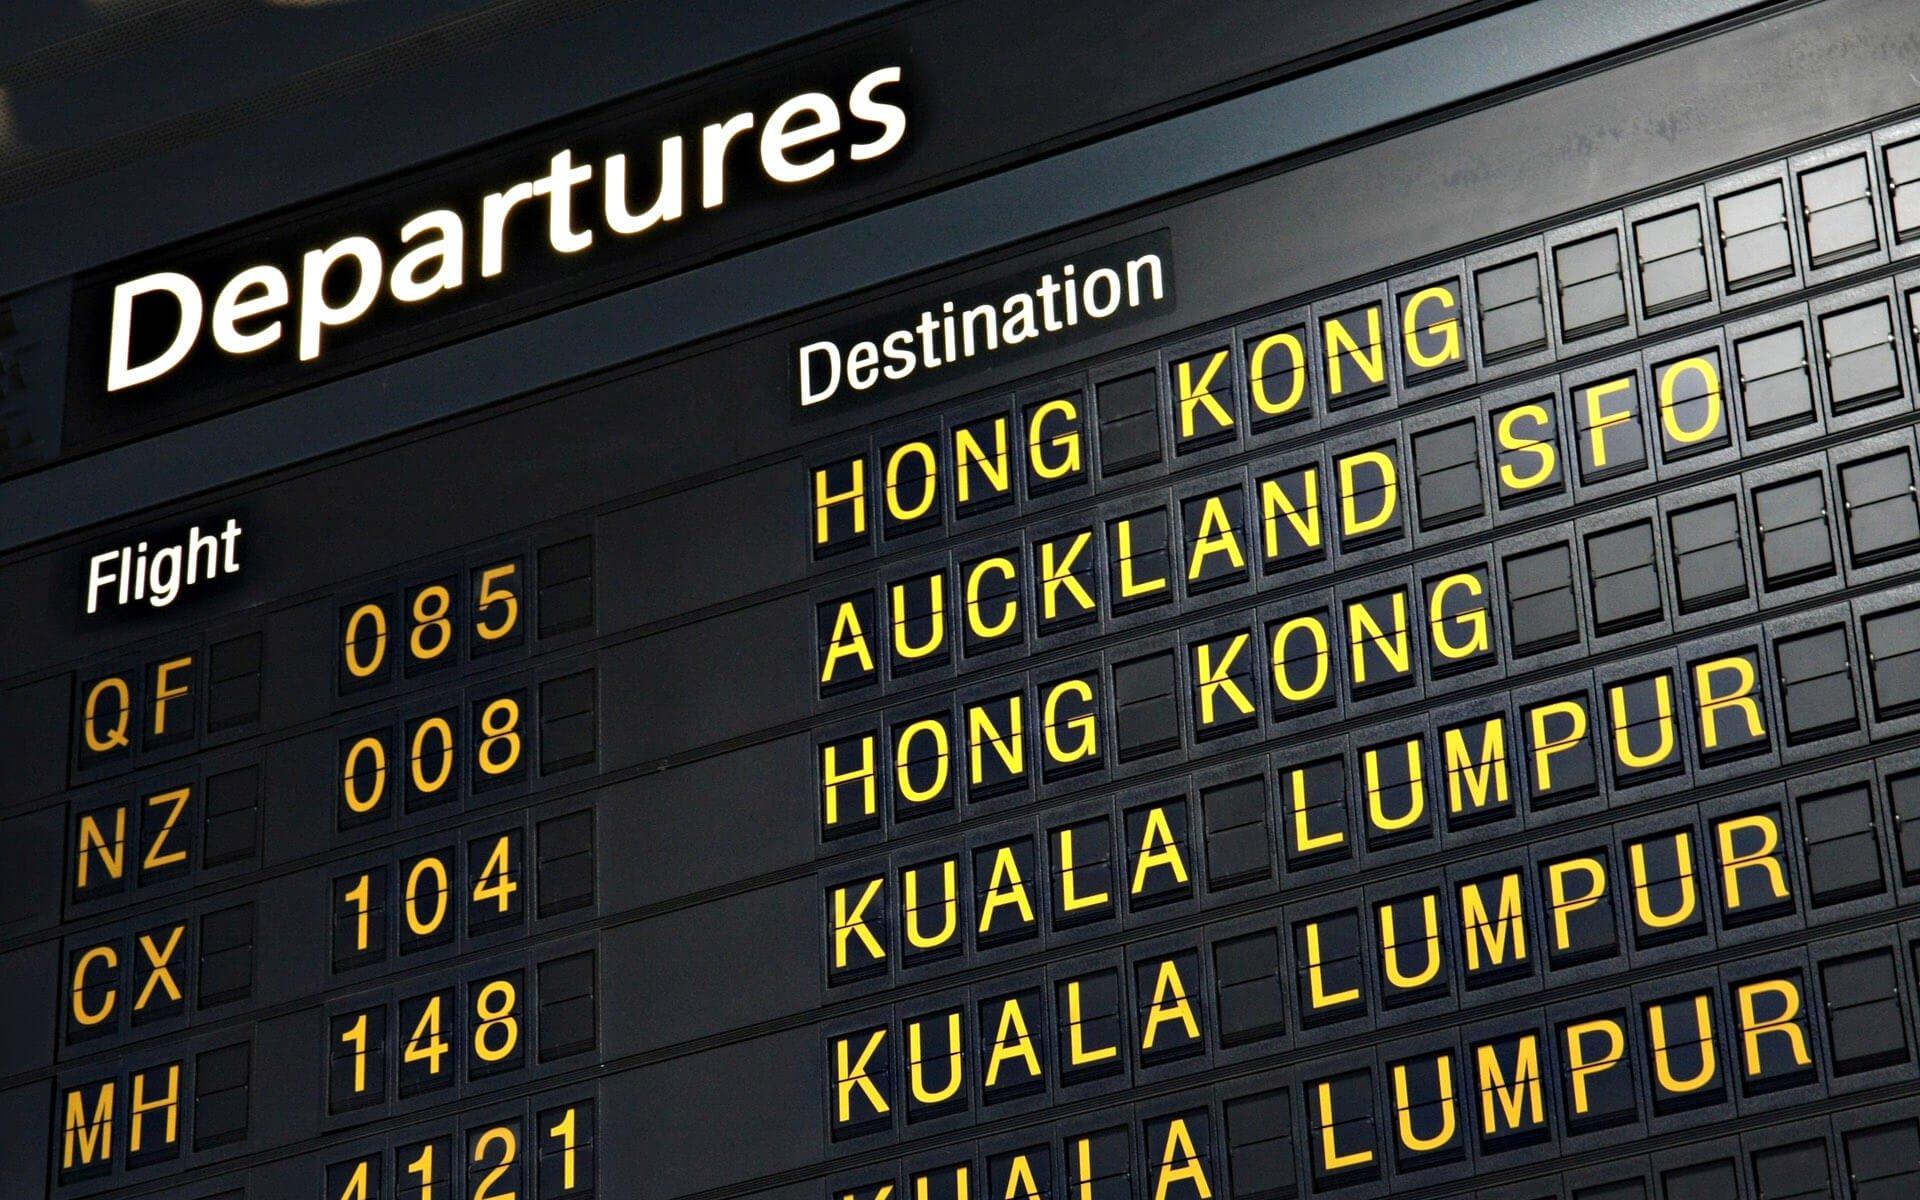 Departures табло отправления